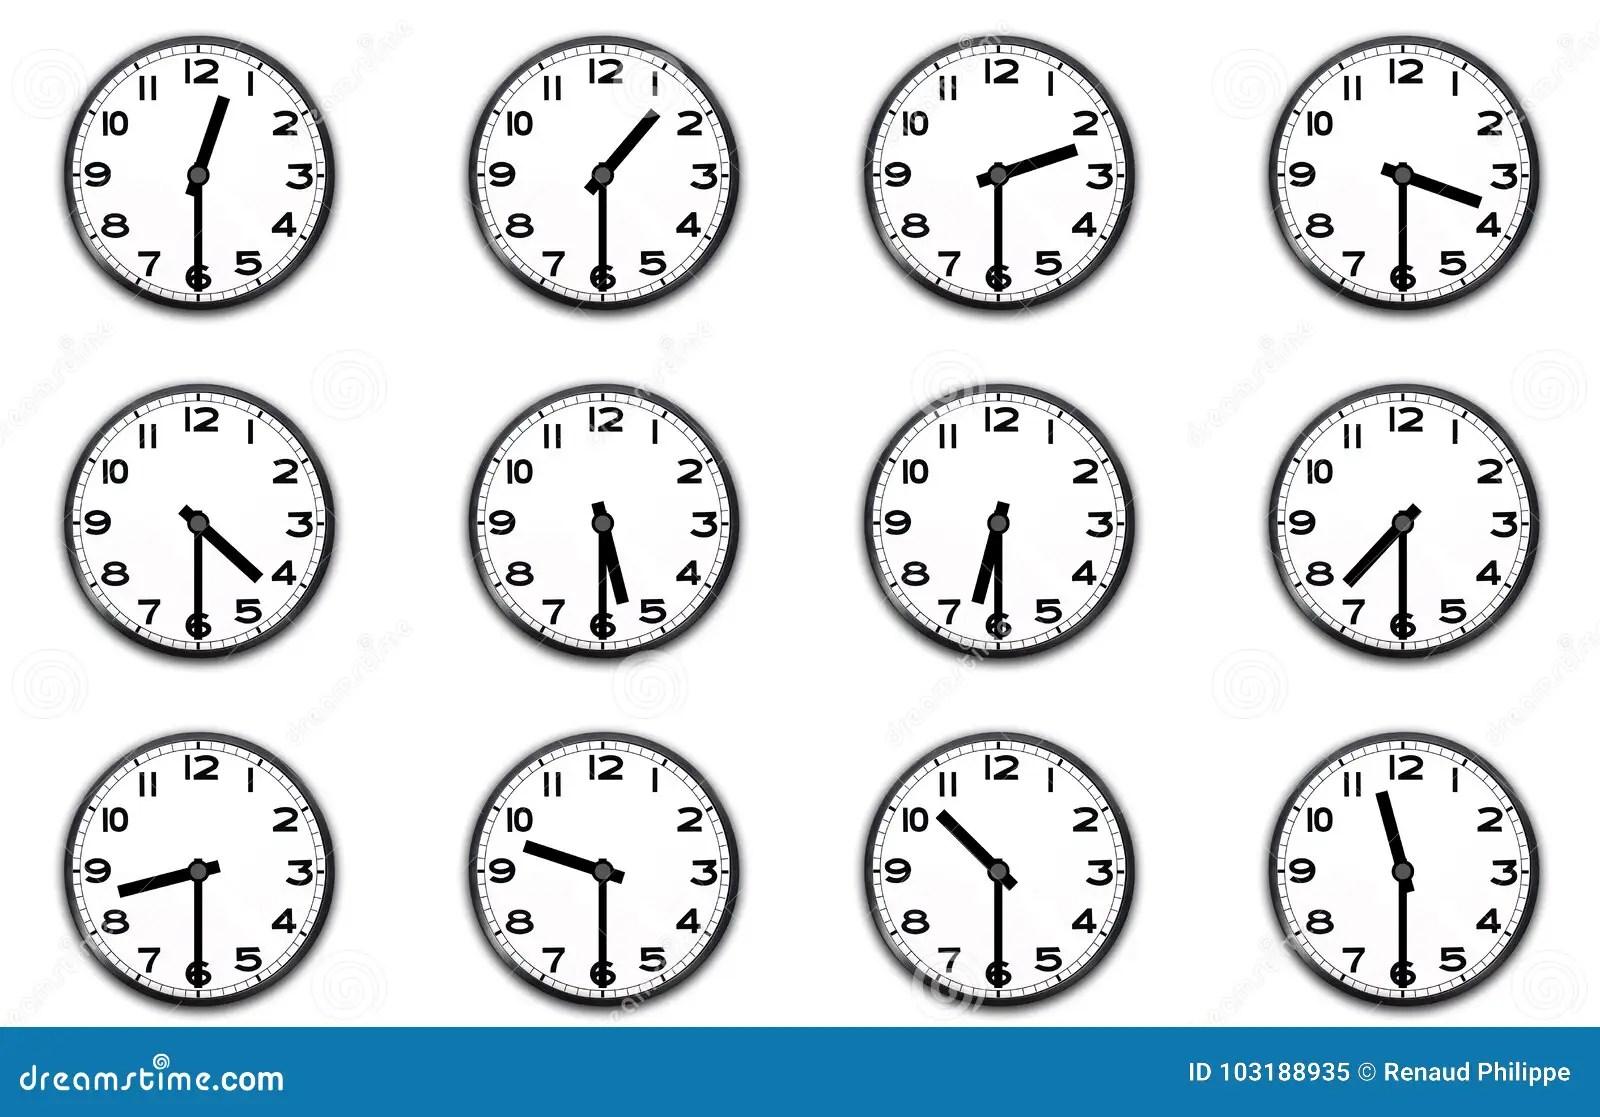 Relojes Que Indican La Media Hora Stock De Ilustracion